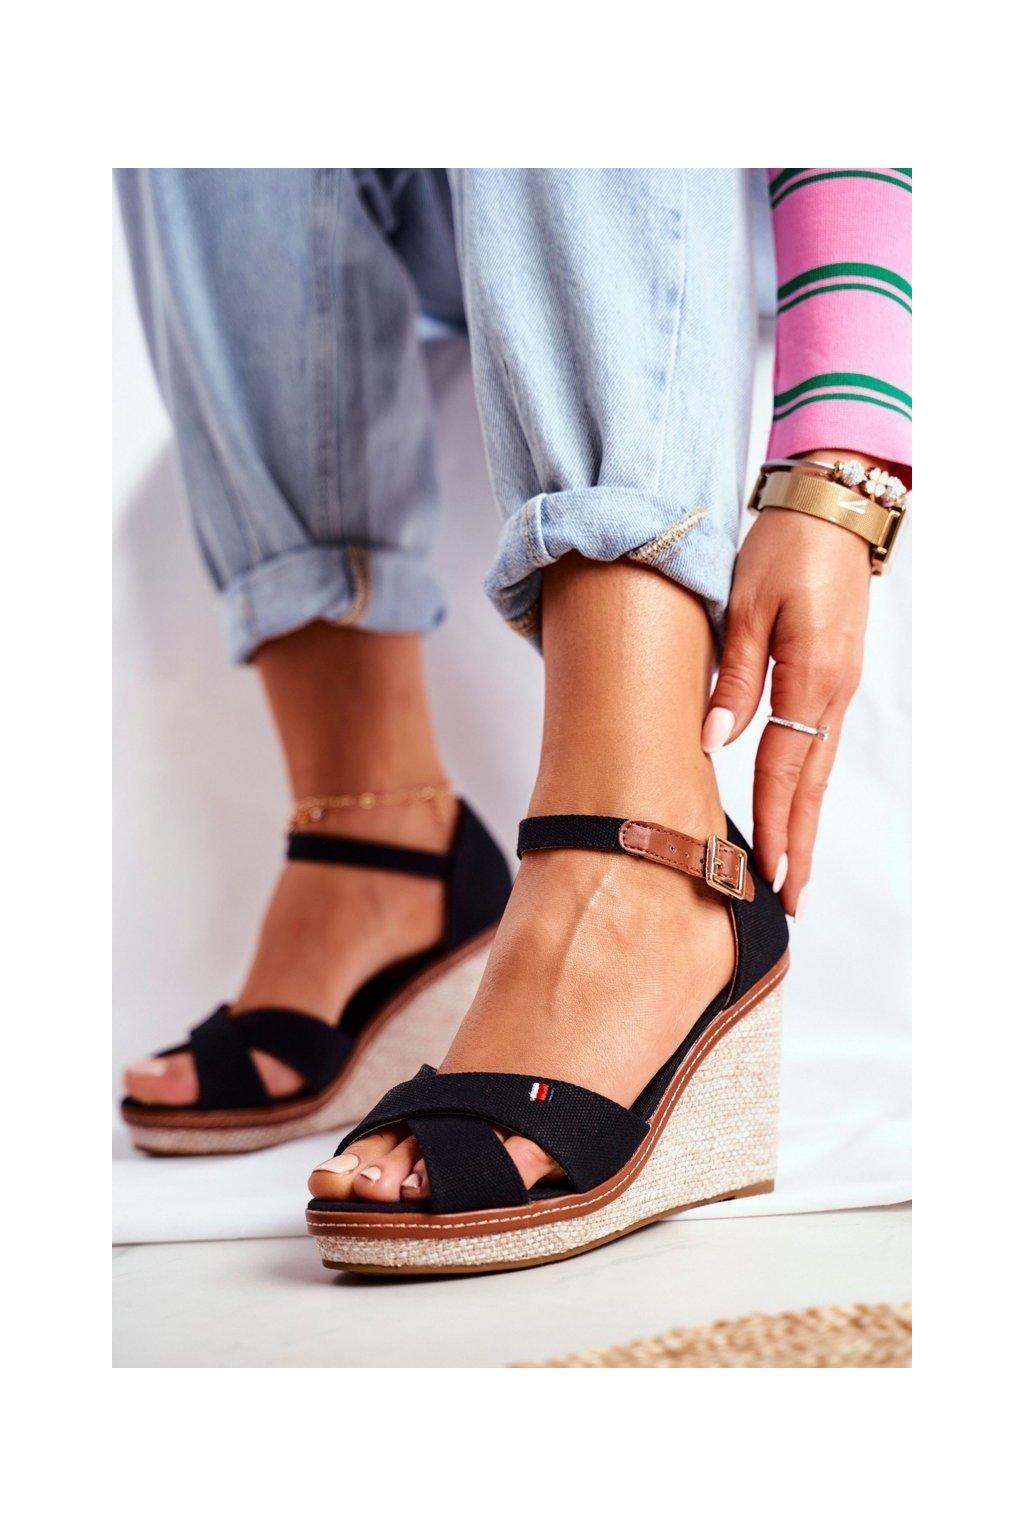 Čierne sandále NJSK R133P BLK